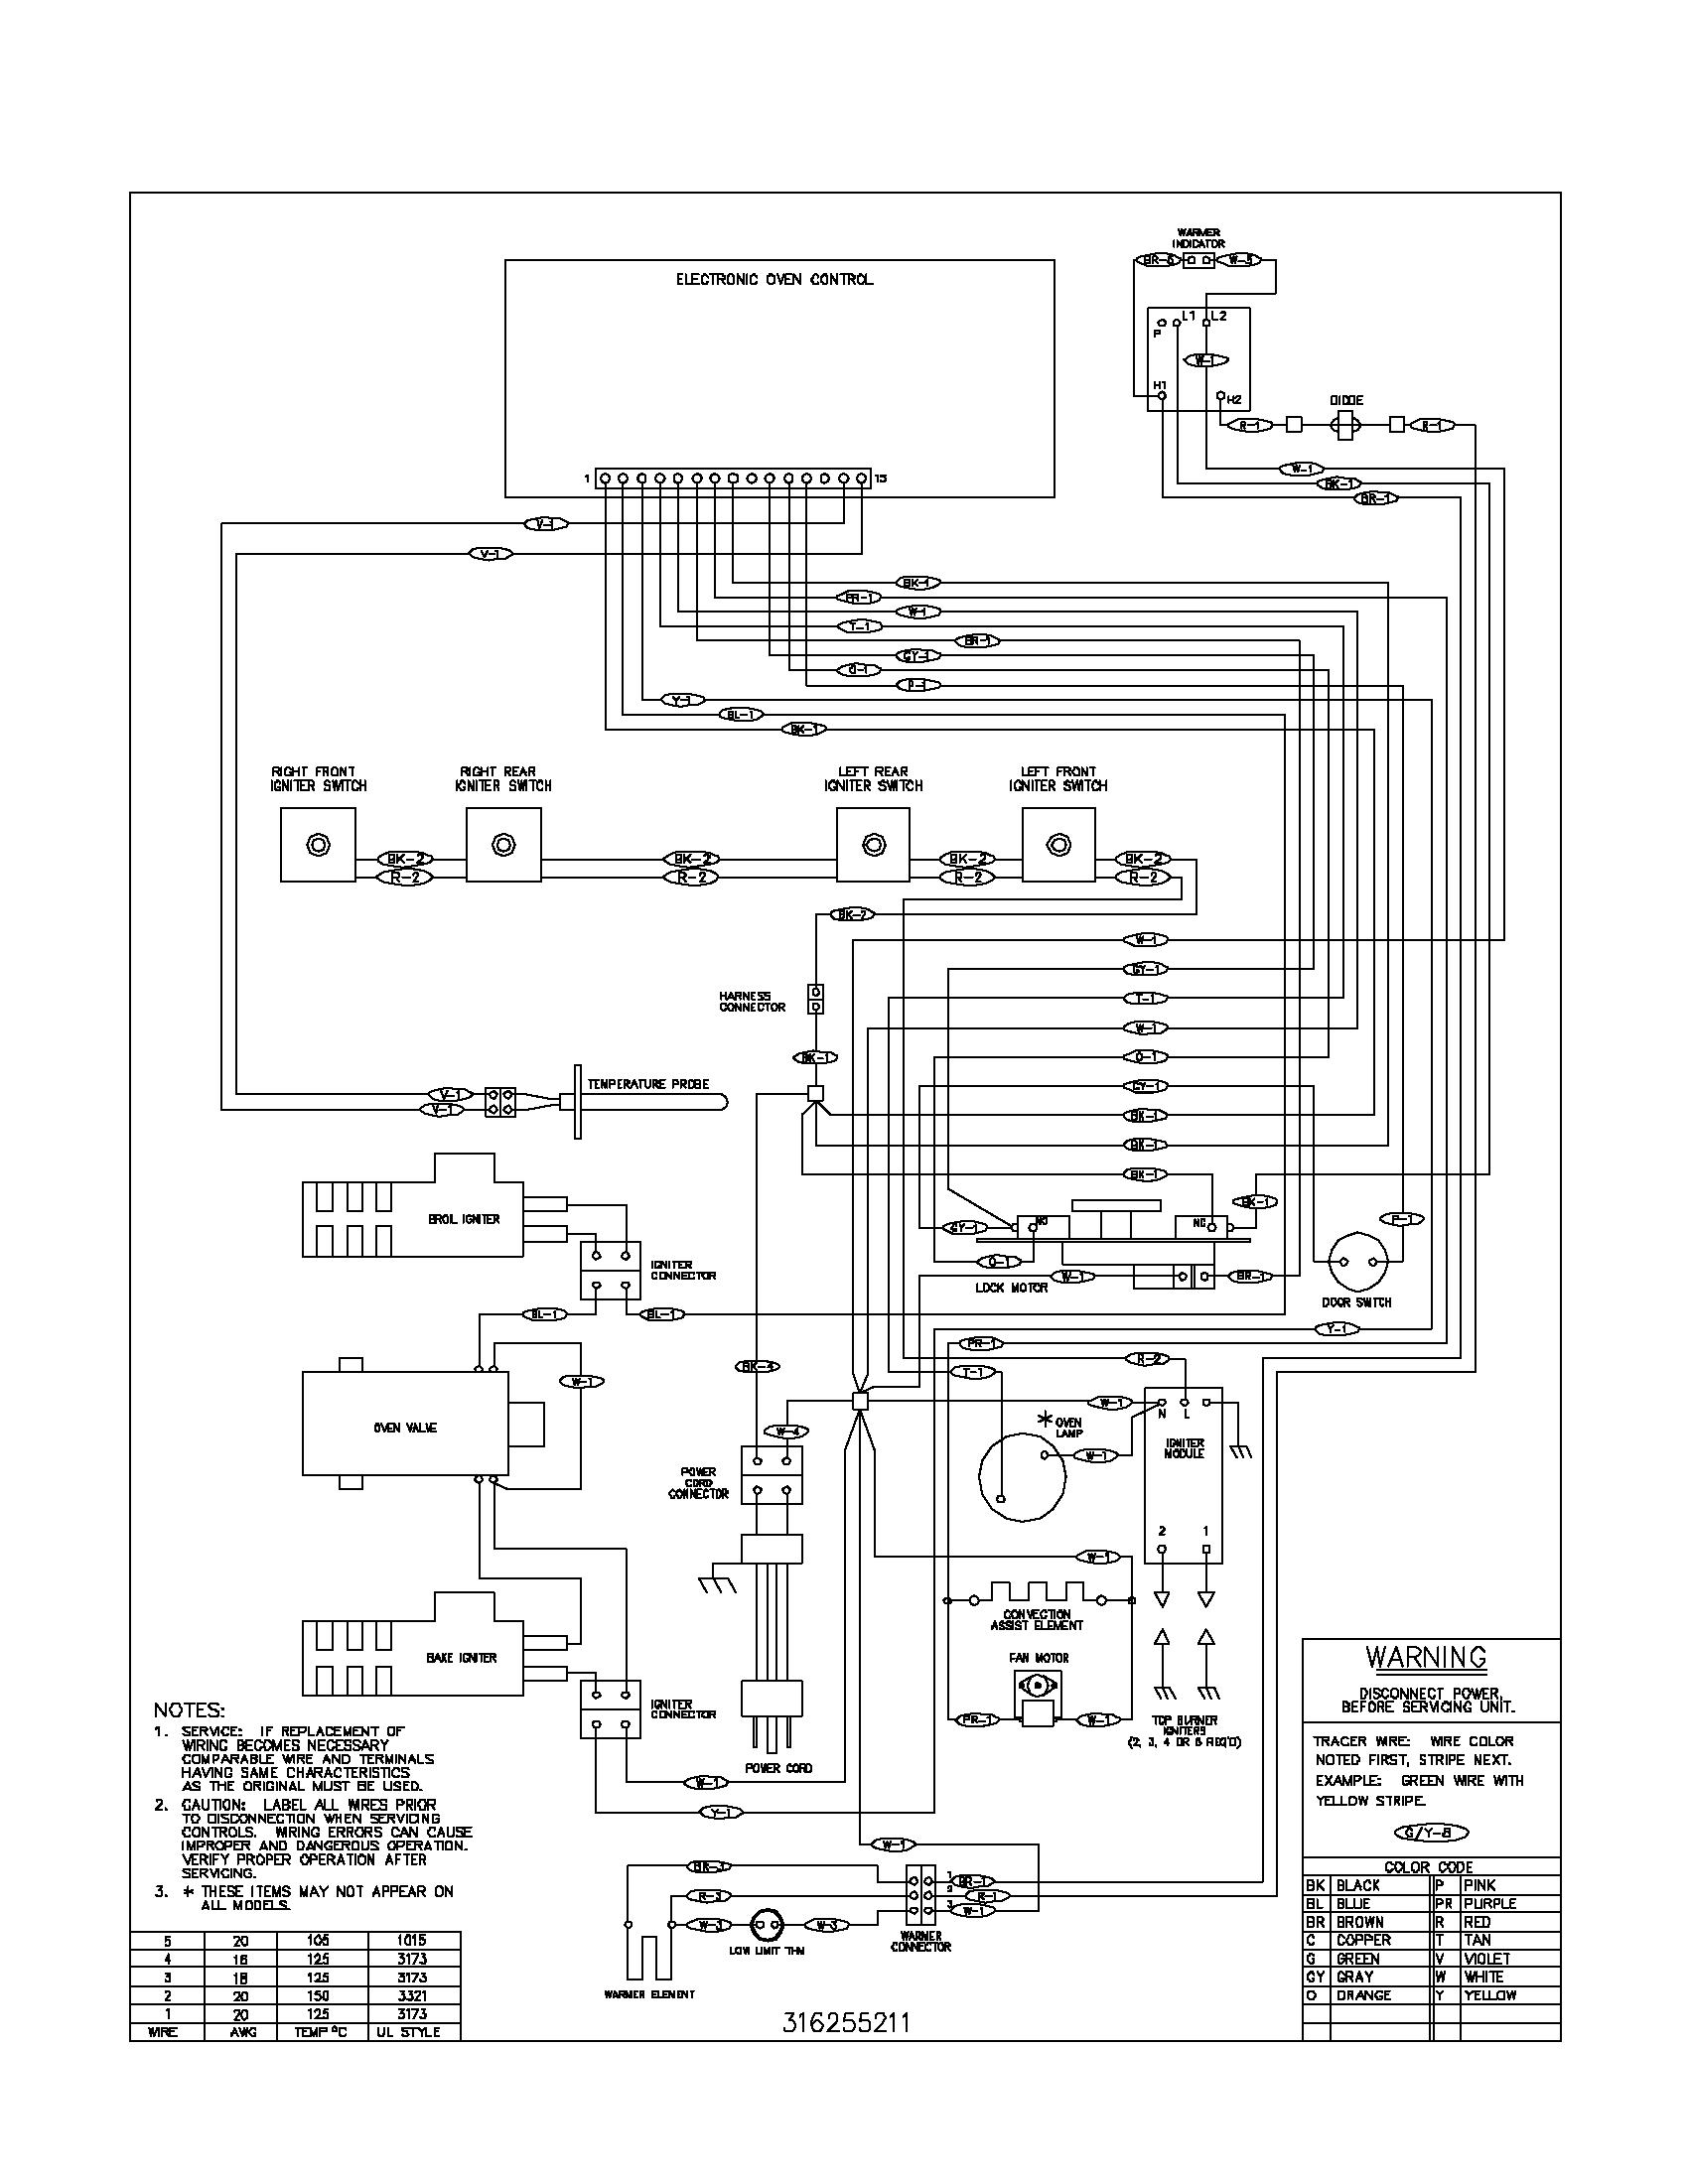 Pleasing Tappan Dishwasher Wiring Diagram Basic Electronics Wiring Diagram Wiring Cloud Inklaidewilluminateatxorg